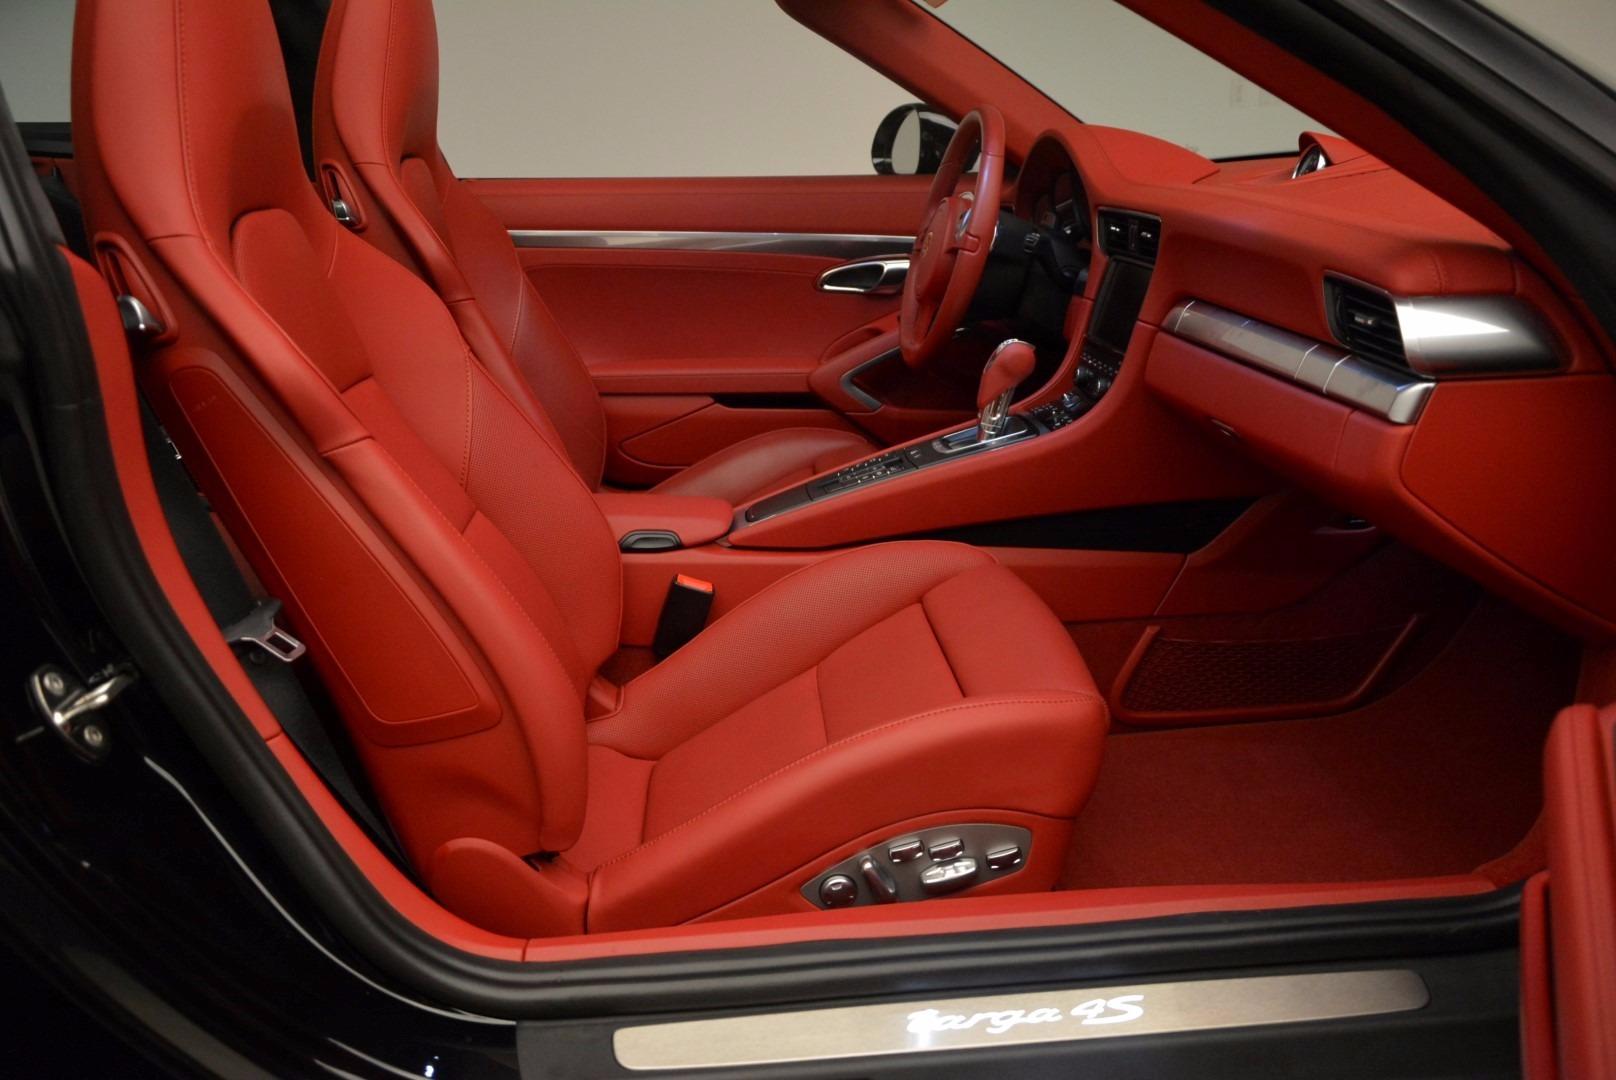 Used 2015 Porsche 911 Targa 4S For Sale In Westport, CT 1476_p26